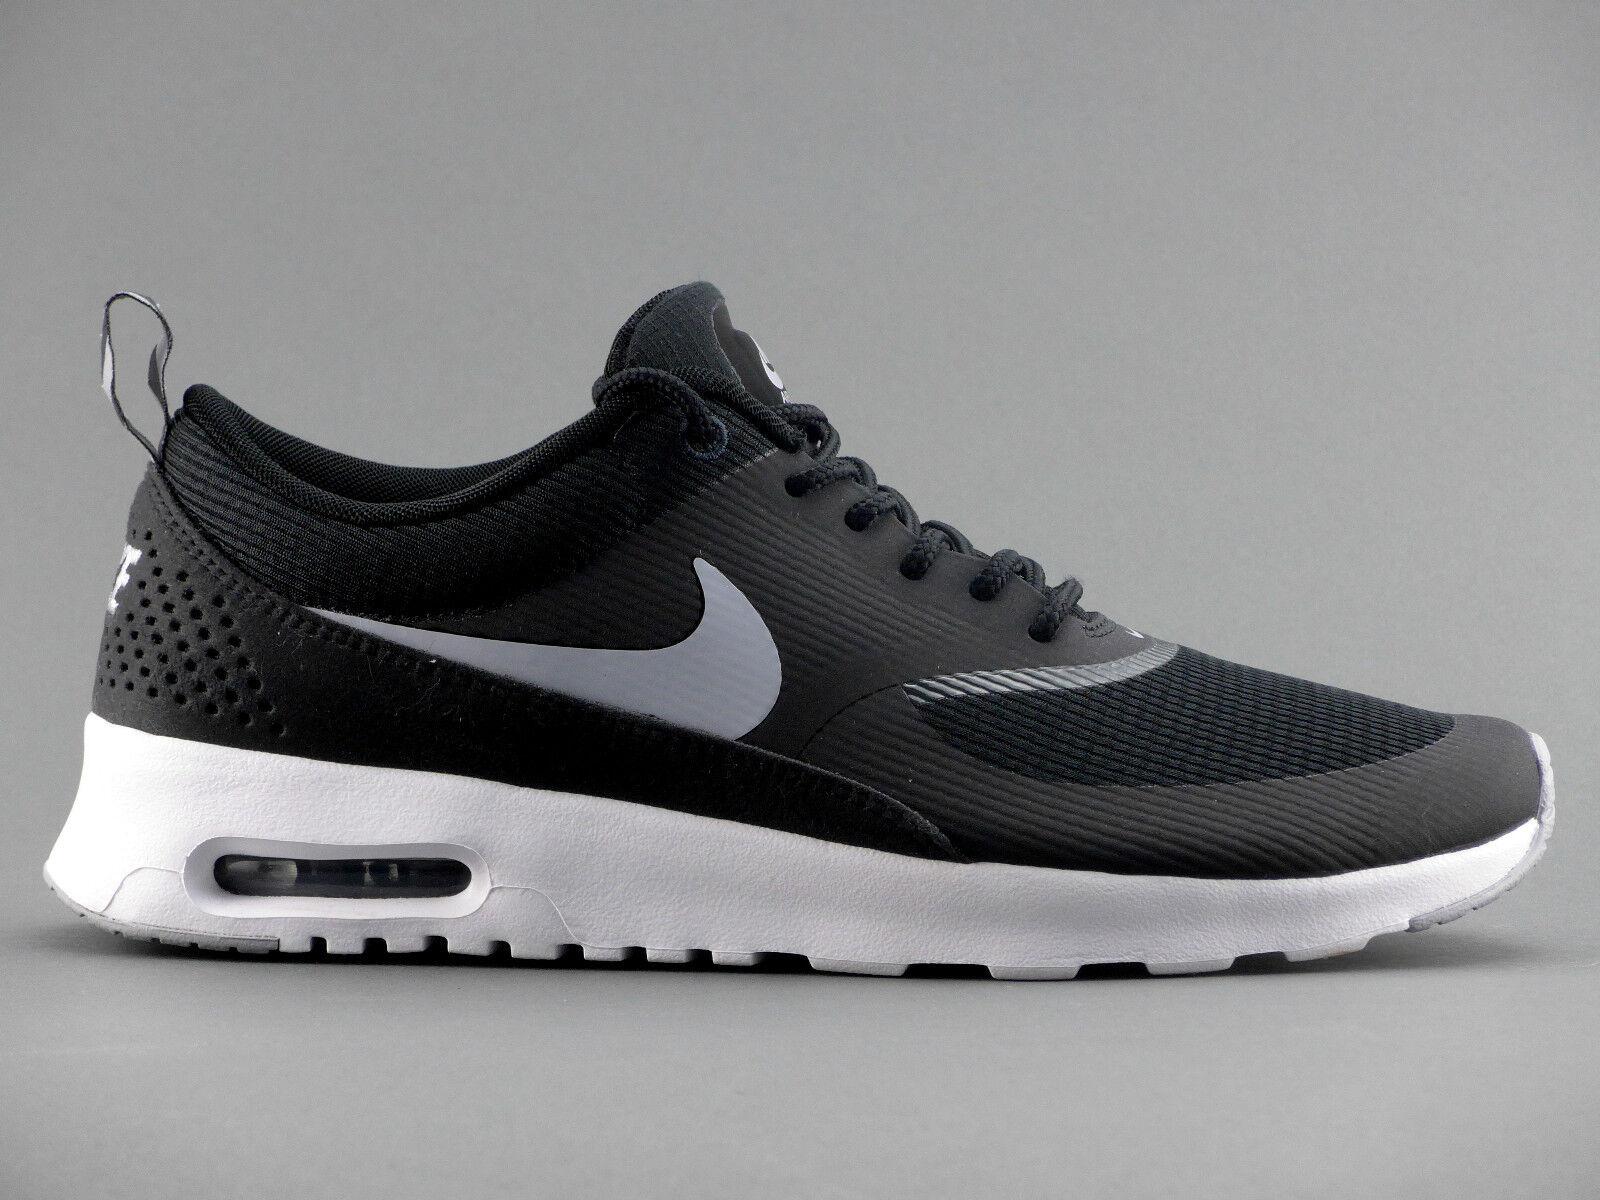 Nike WMNS Air Max Streetwear Thea Damen Sneaker Kinder Streetwear Max 599409 007 NEU 1b89a7